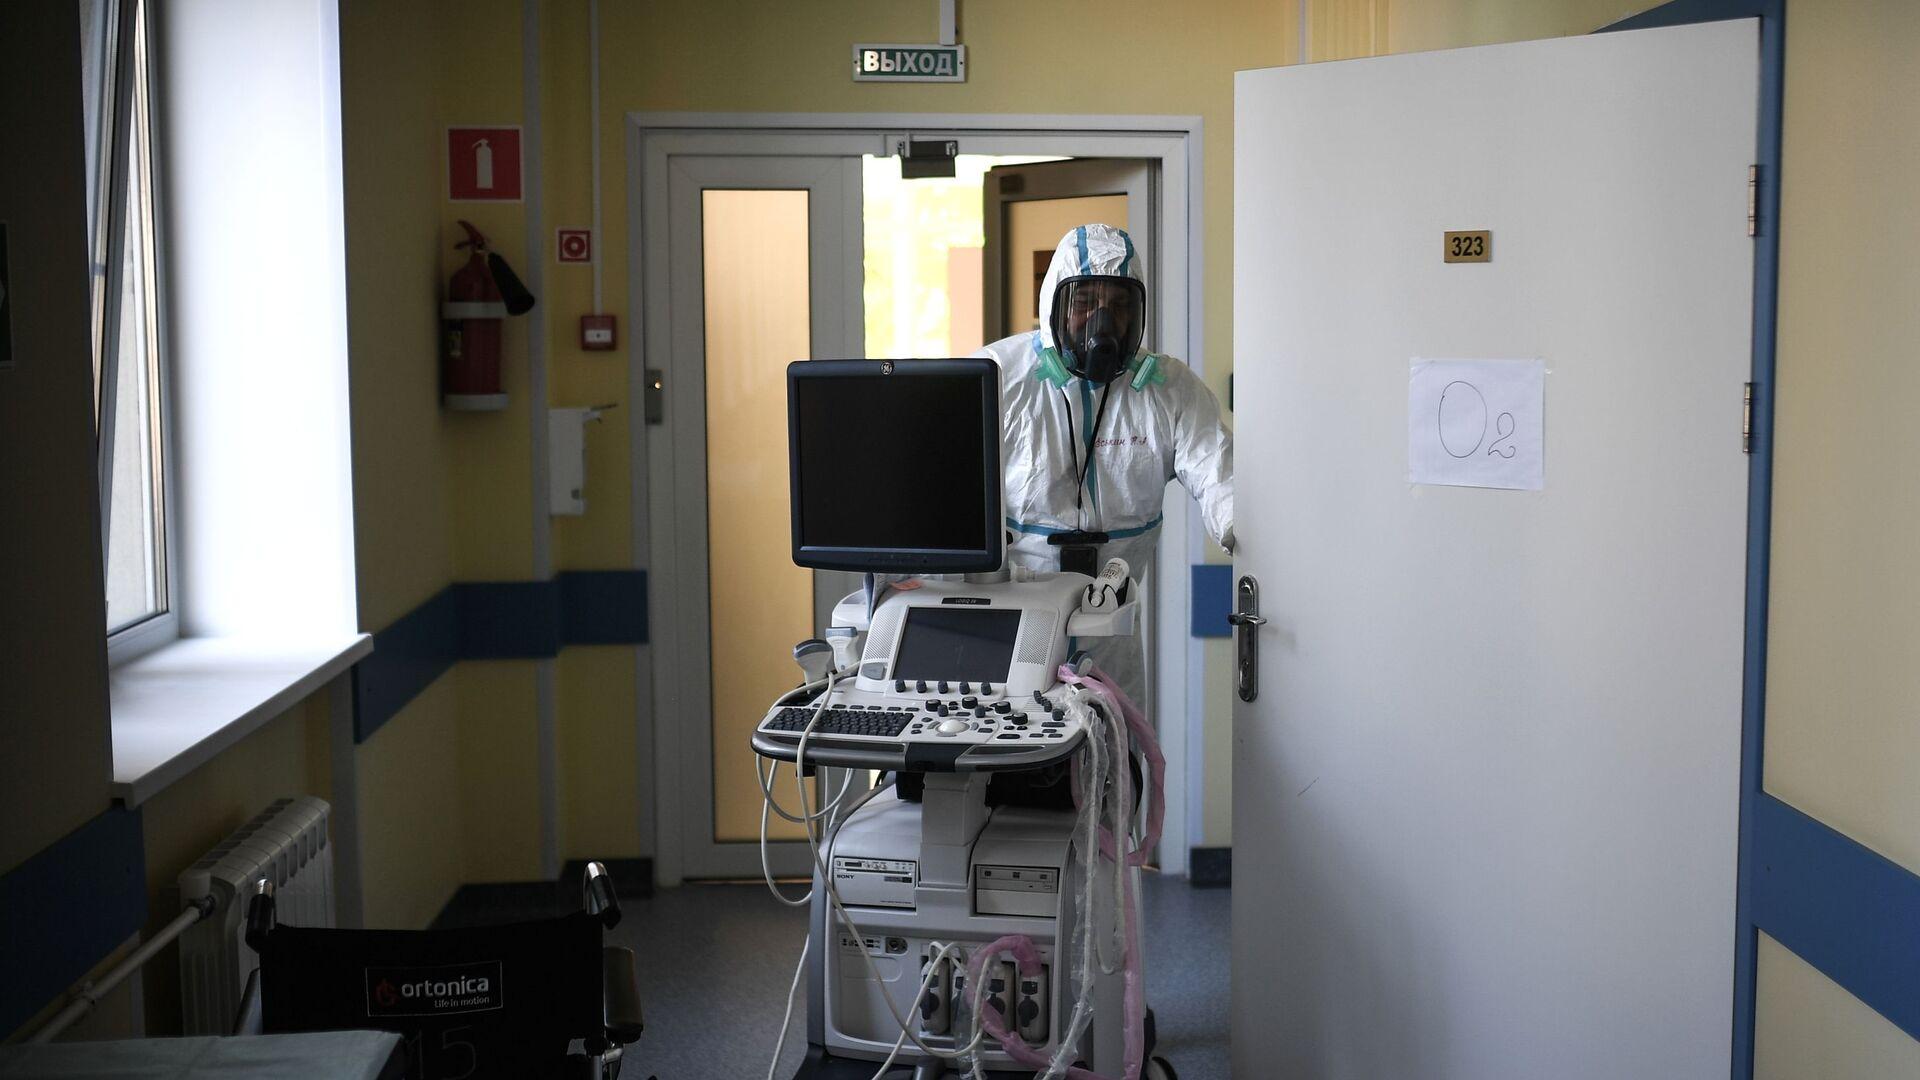 Работа медицинского персонала в красной зоне больницы, архивное фото - Sputnik Беларусь, 1920, 03.10.2021